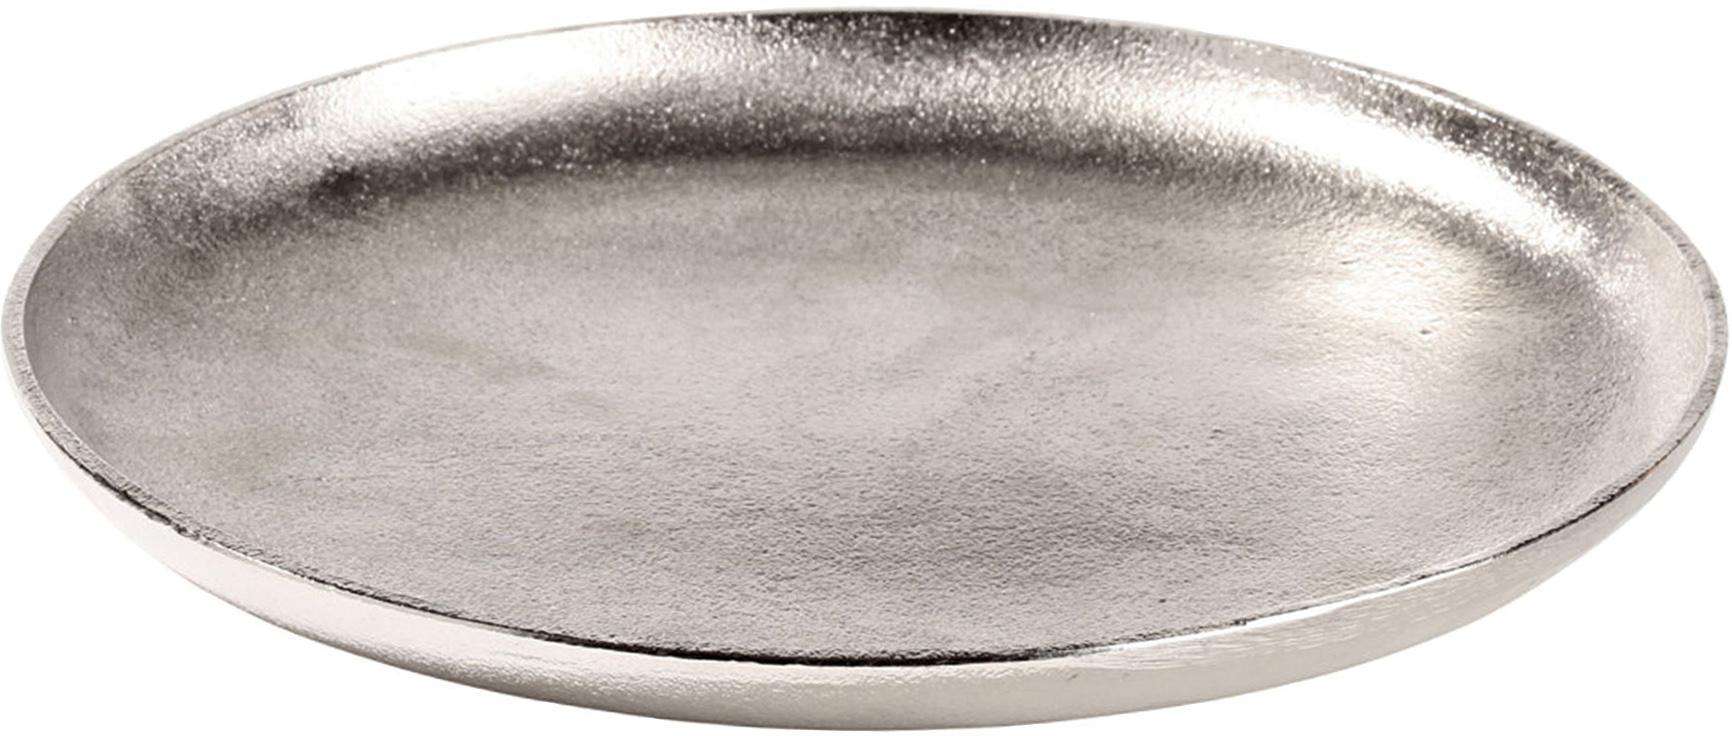 Decoratief dienblad Bintel, Aluminium, Aluminium, Ø 35 cm